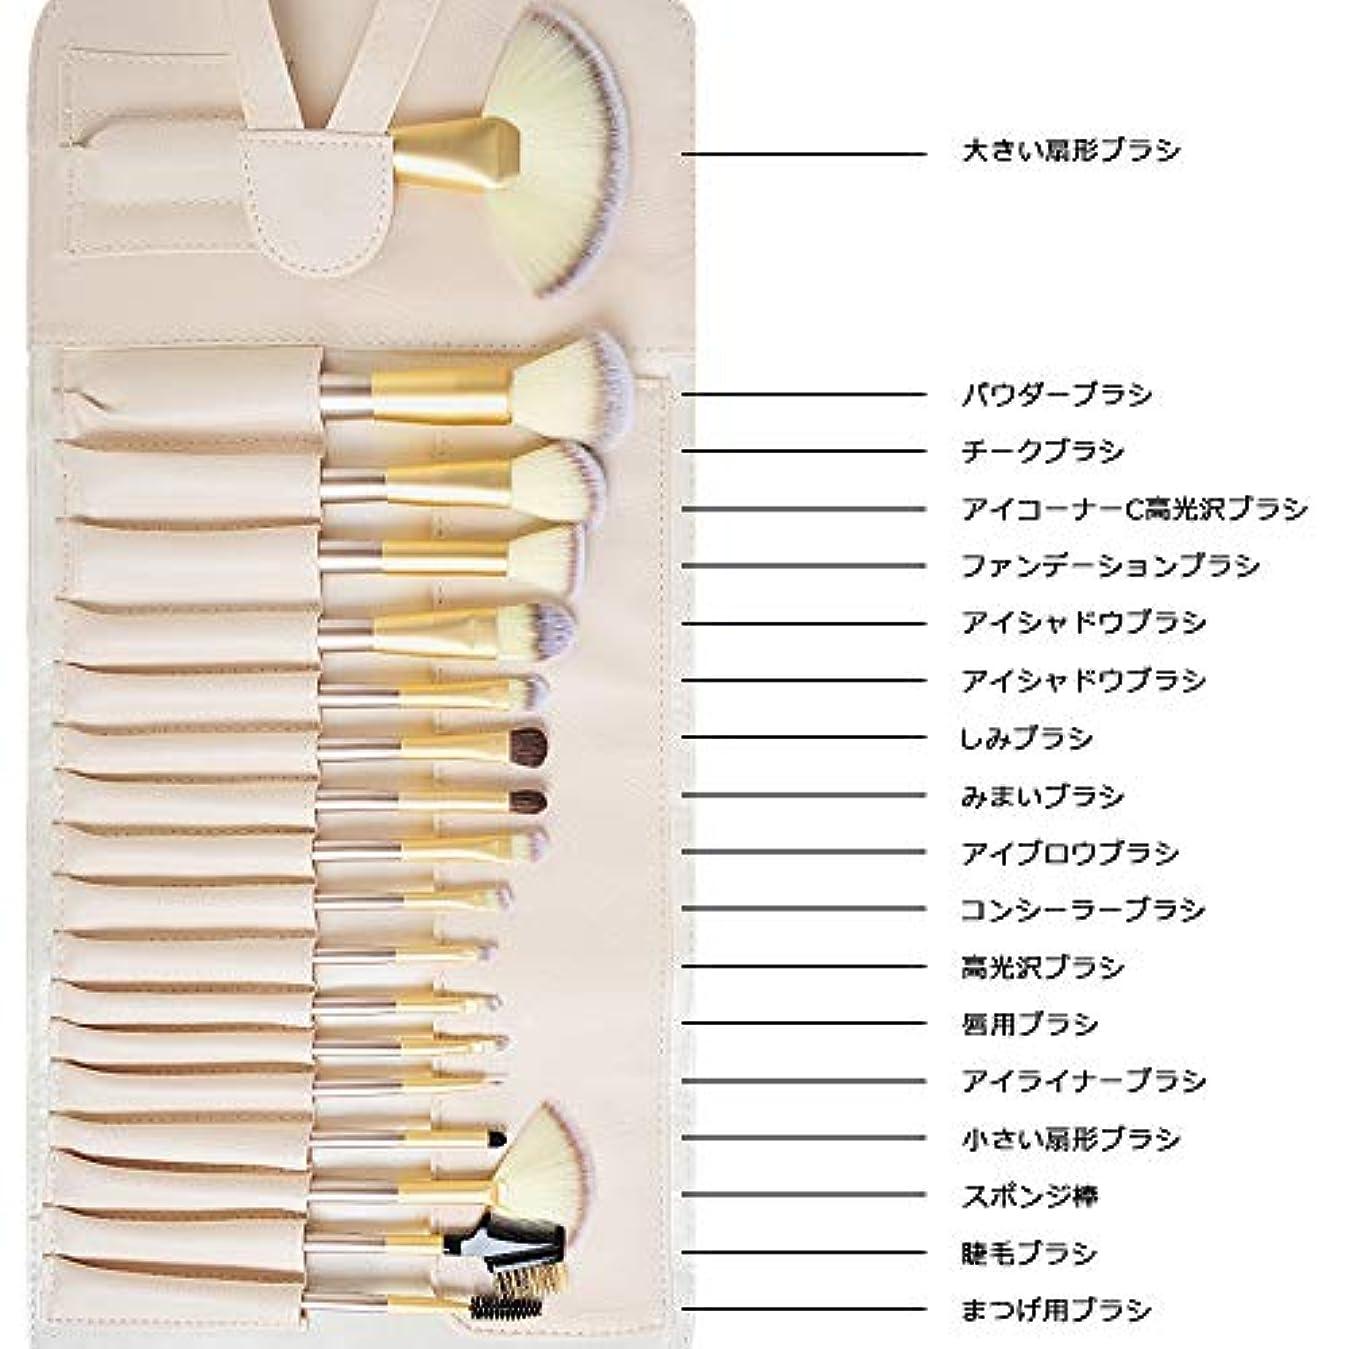 おとこ常にガラスAcavado メイクブラシ 18本セット 人気化粧筆 超柔らかい 高品質PUレザー化粧ポーチ付き メイクデビュー Acavado